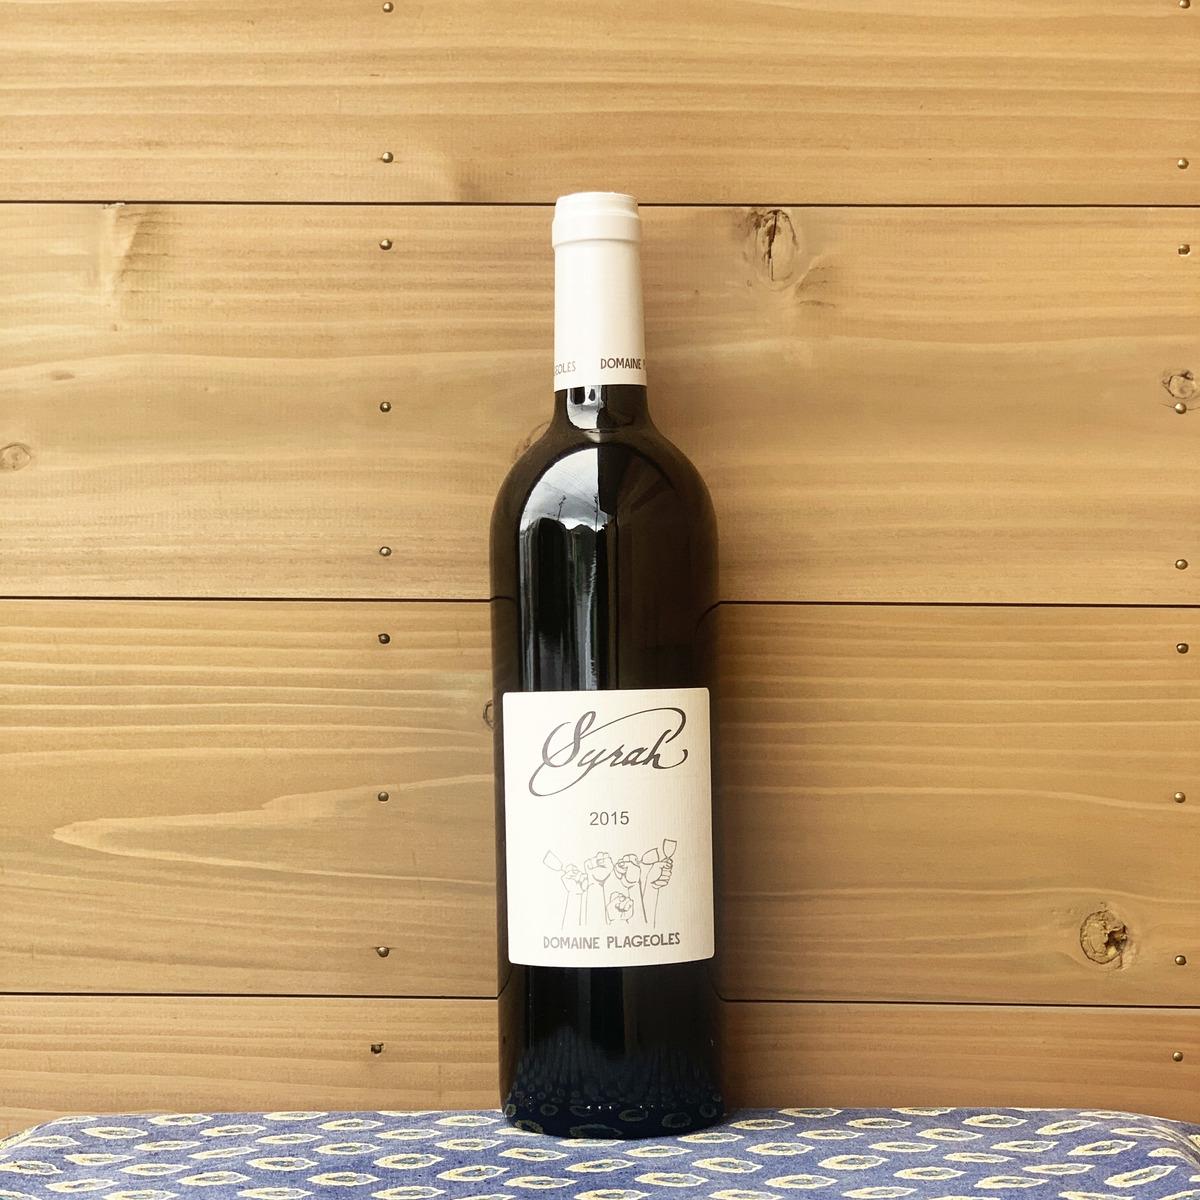 テロワールの個性を活かした品種 造りに定評のある生産者の赤ワインです 完全送料無料 南西地方 25%OFF フランス ベルナール プラジョル 赤ワイン 自然派ワイン ラ シラー'15